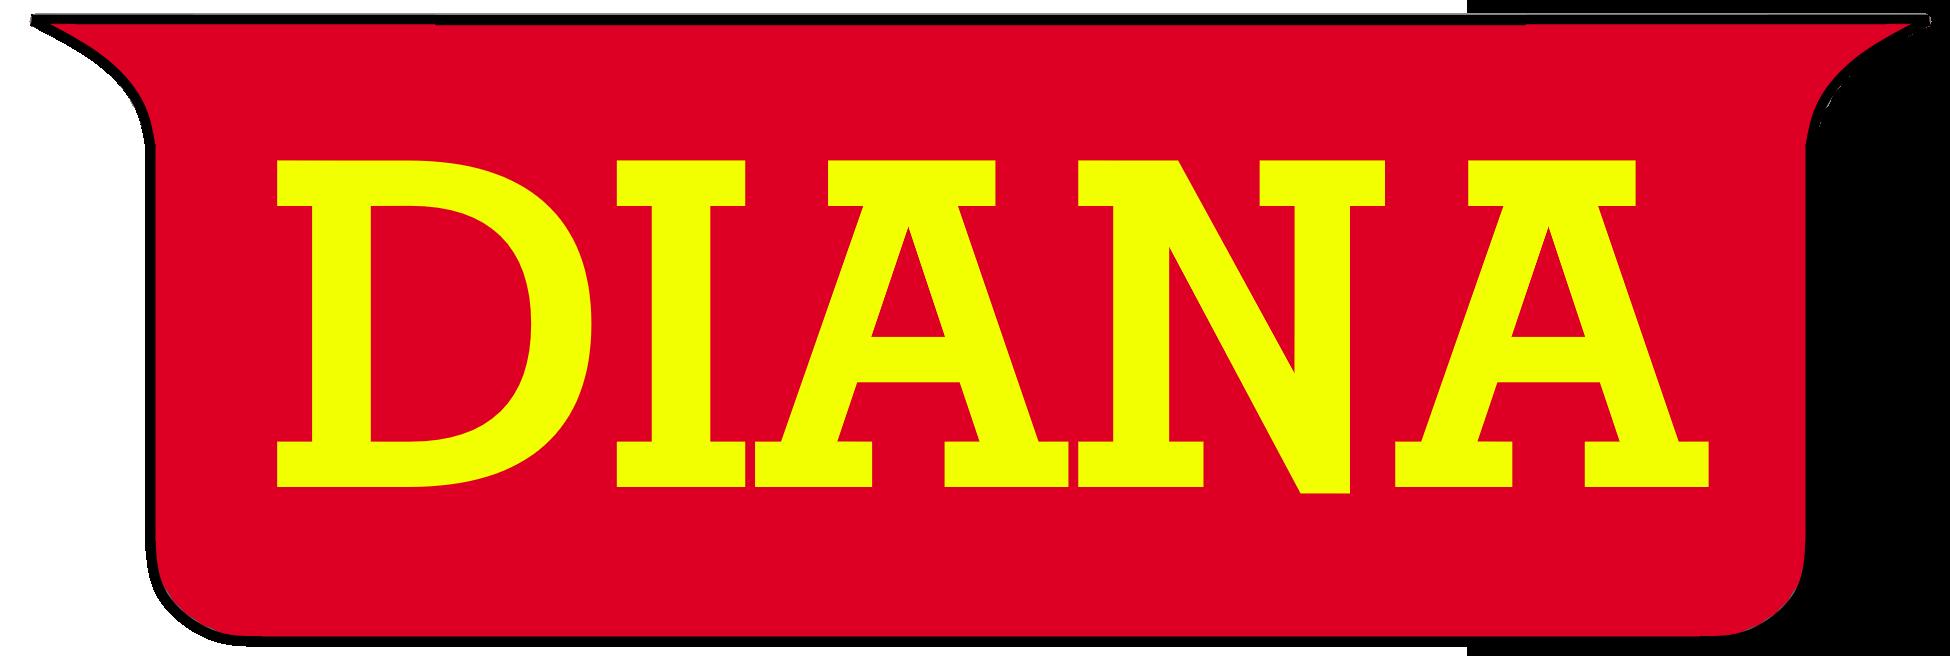 Boquitas Diana